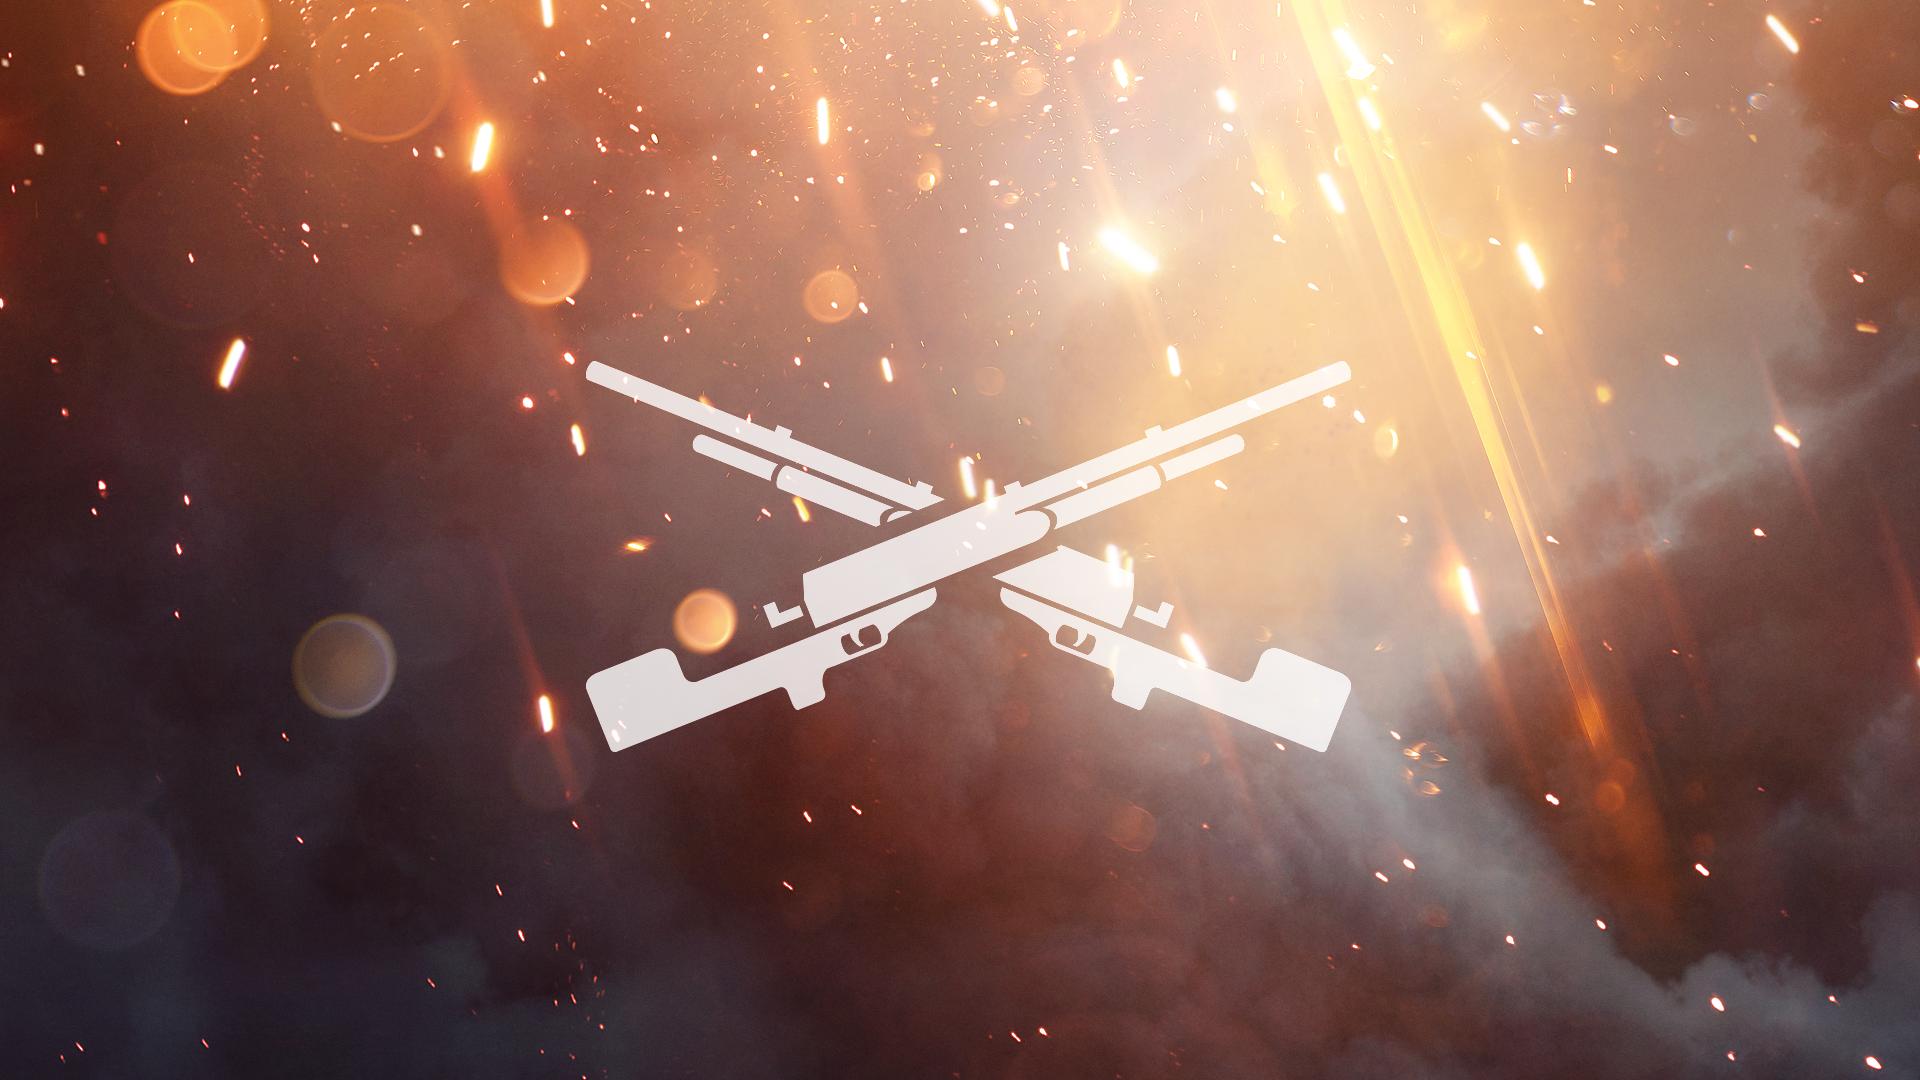 Counter-sniper